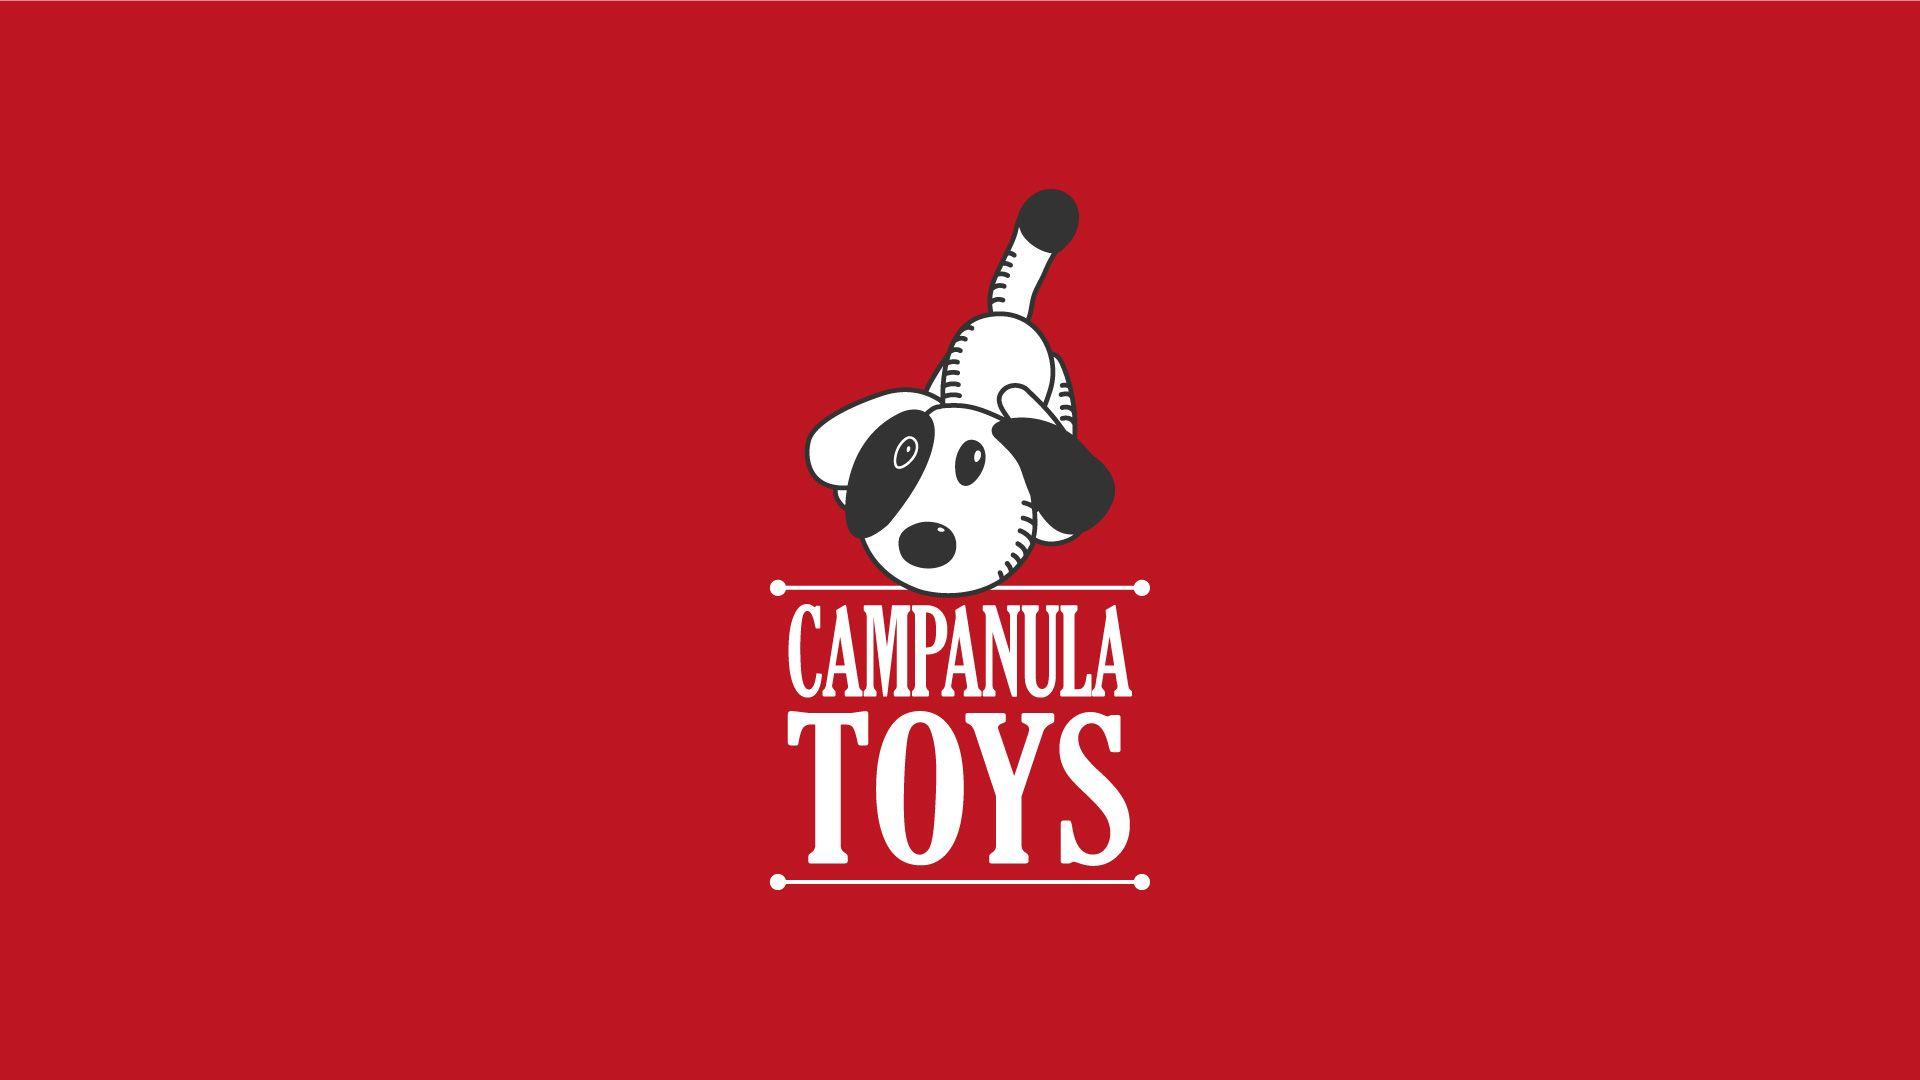 Campanula Toys logo